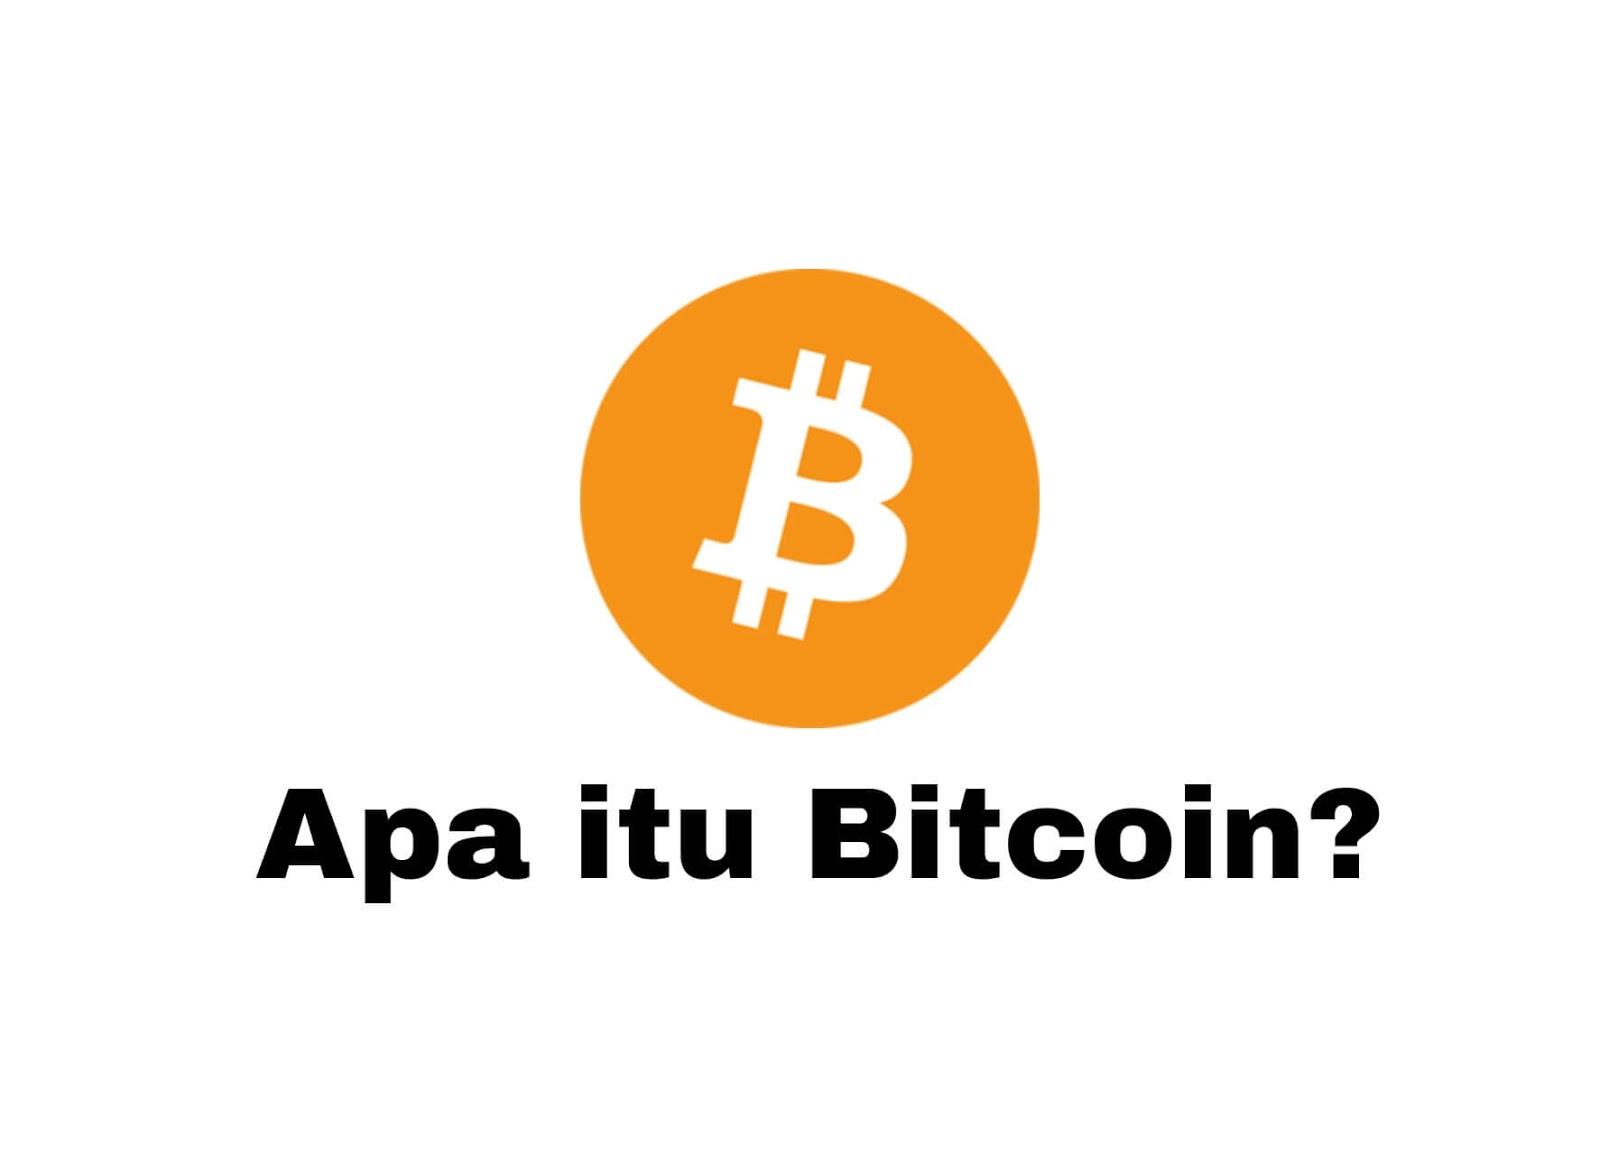 Diartikel ke seratus tiga puluh ini, Saya akan memberikan penjelasan secara lengkap mengenai Bitcoin.